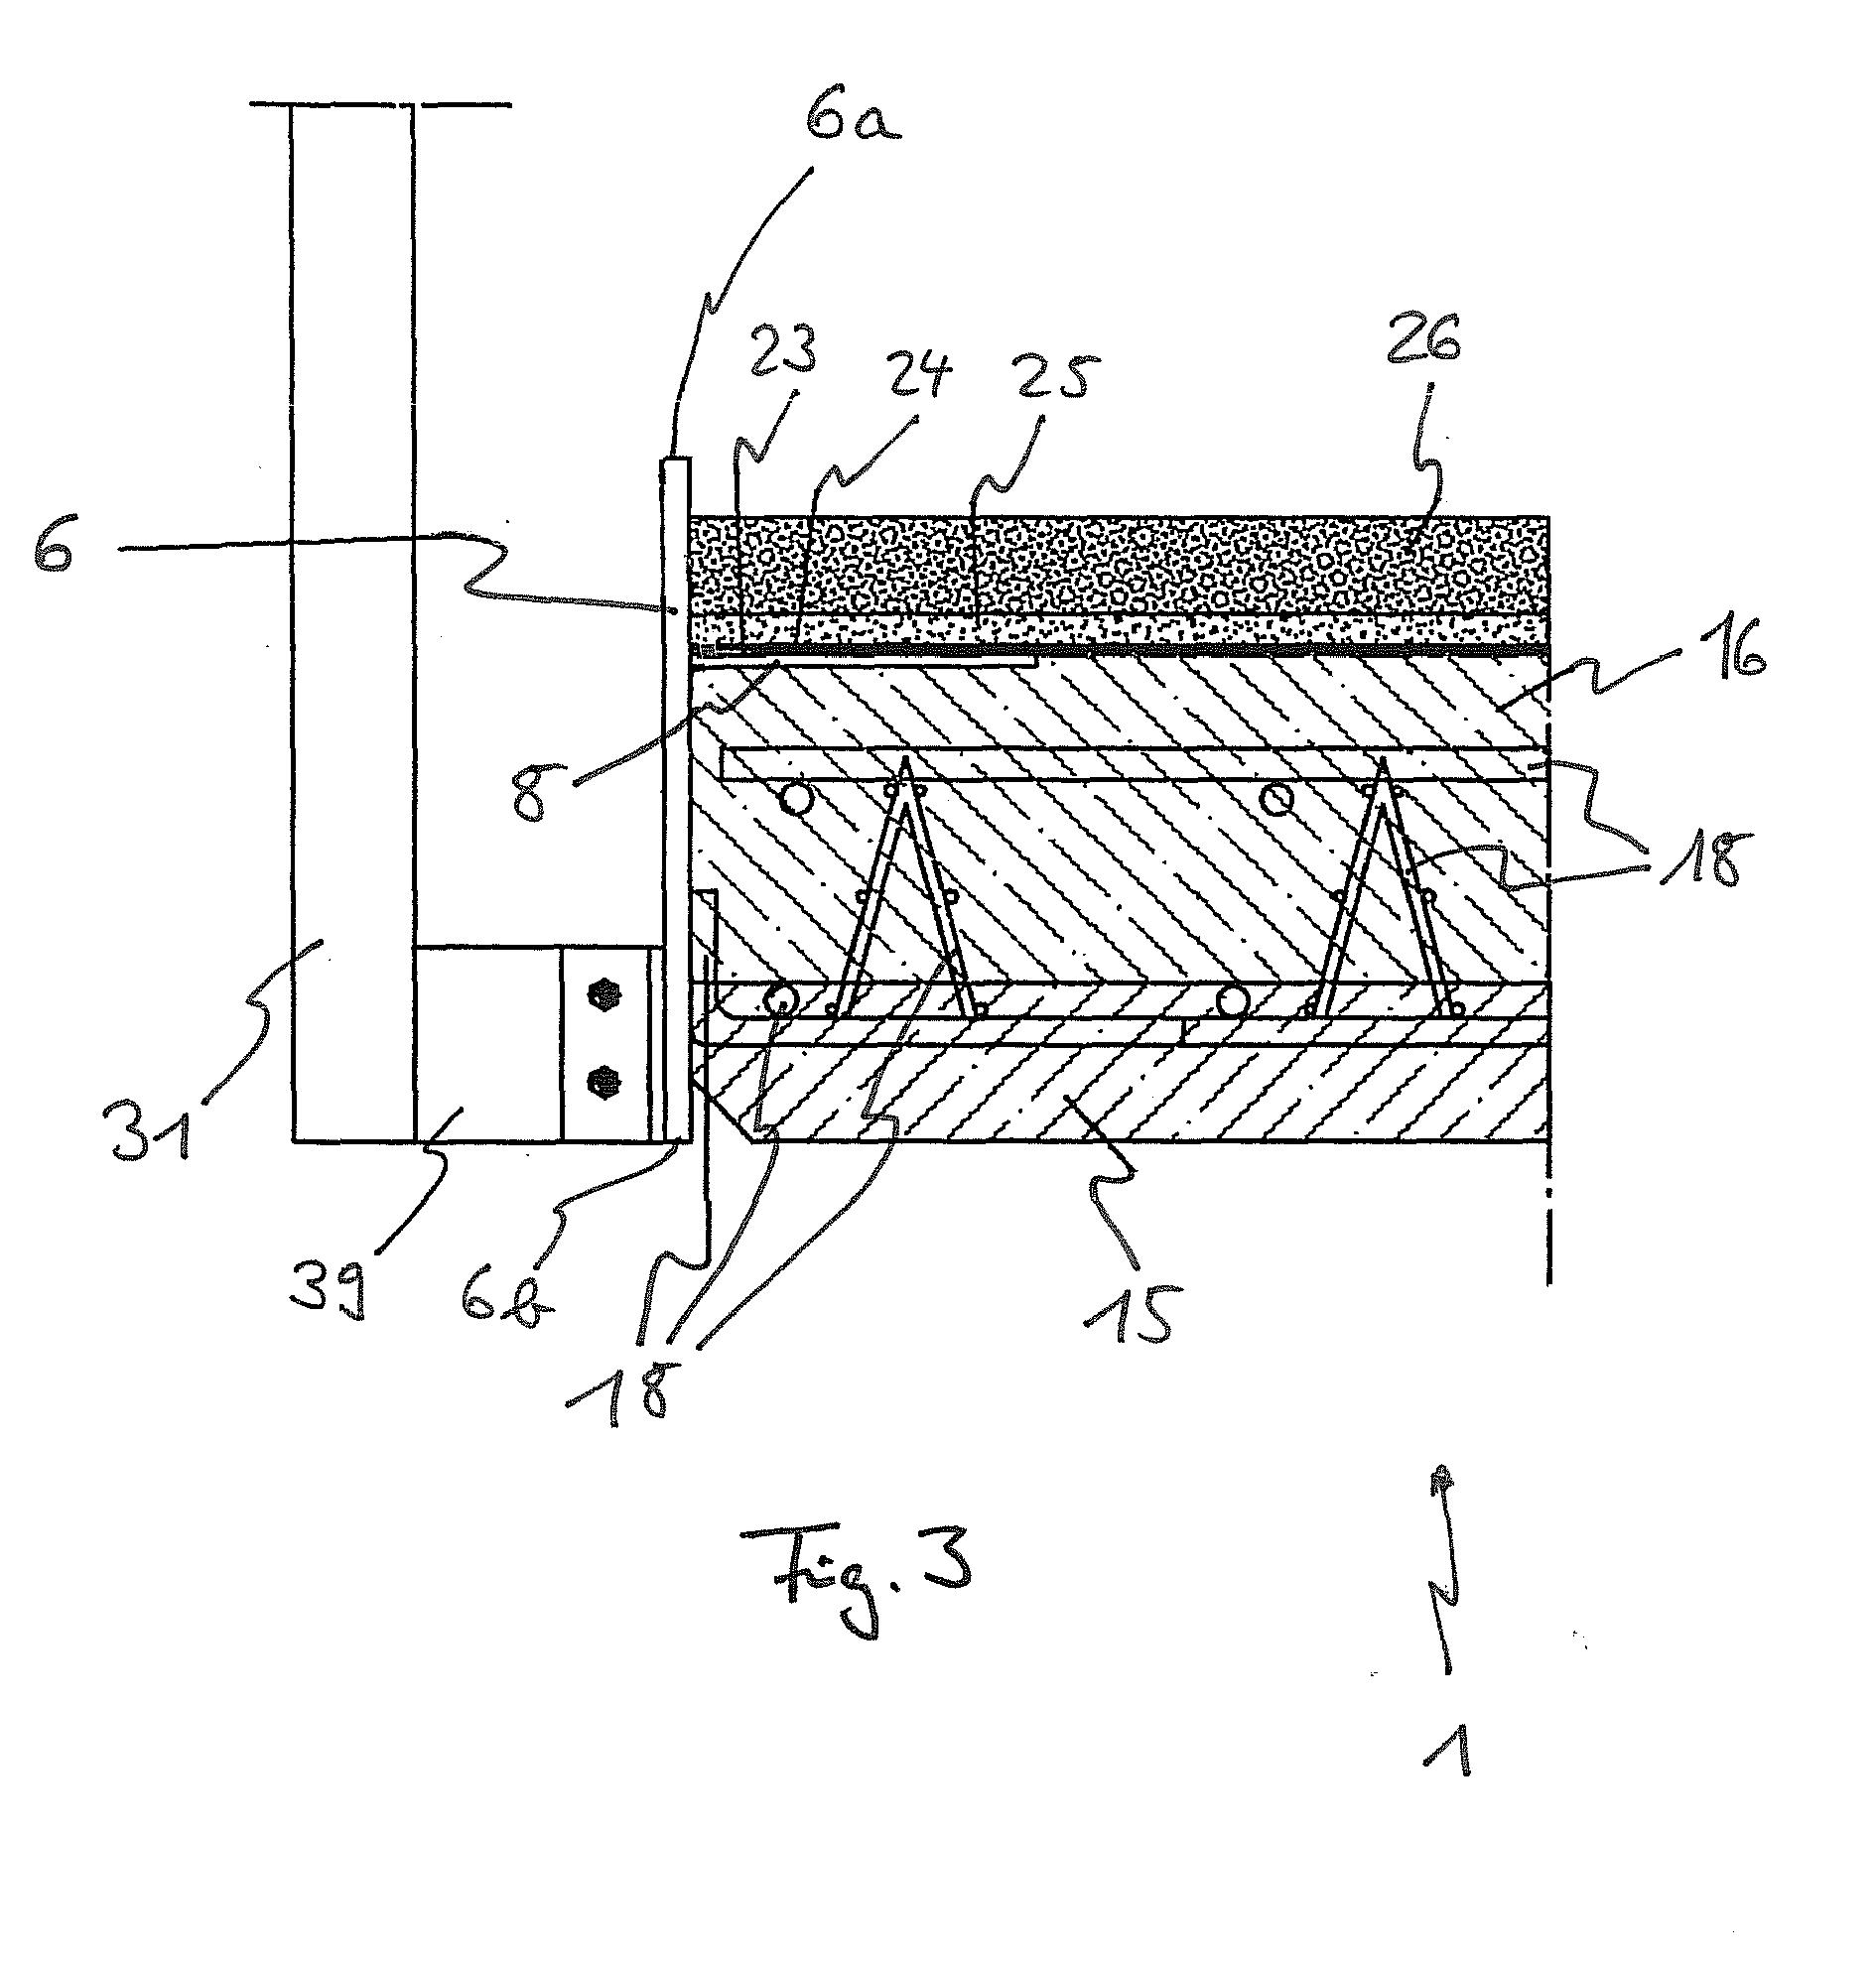 patente ep1980675a1 zarge f r einen balkon oder eine. Black Bedroom Furniture Sets. Home Design Ideas